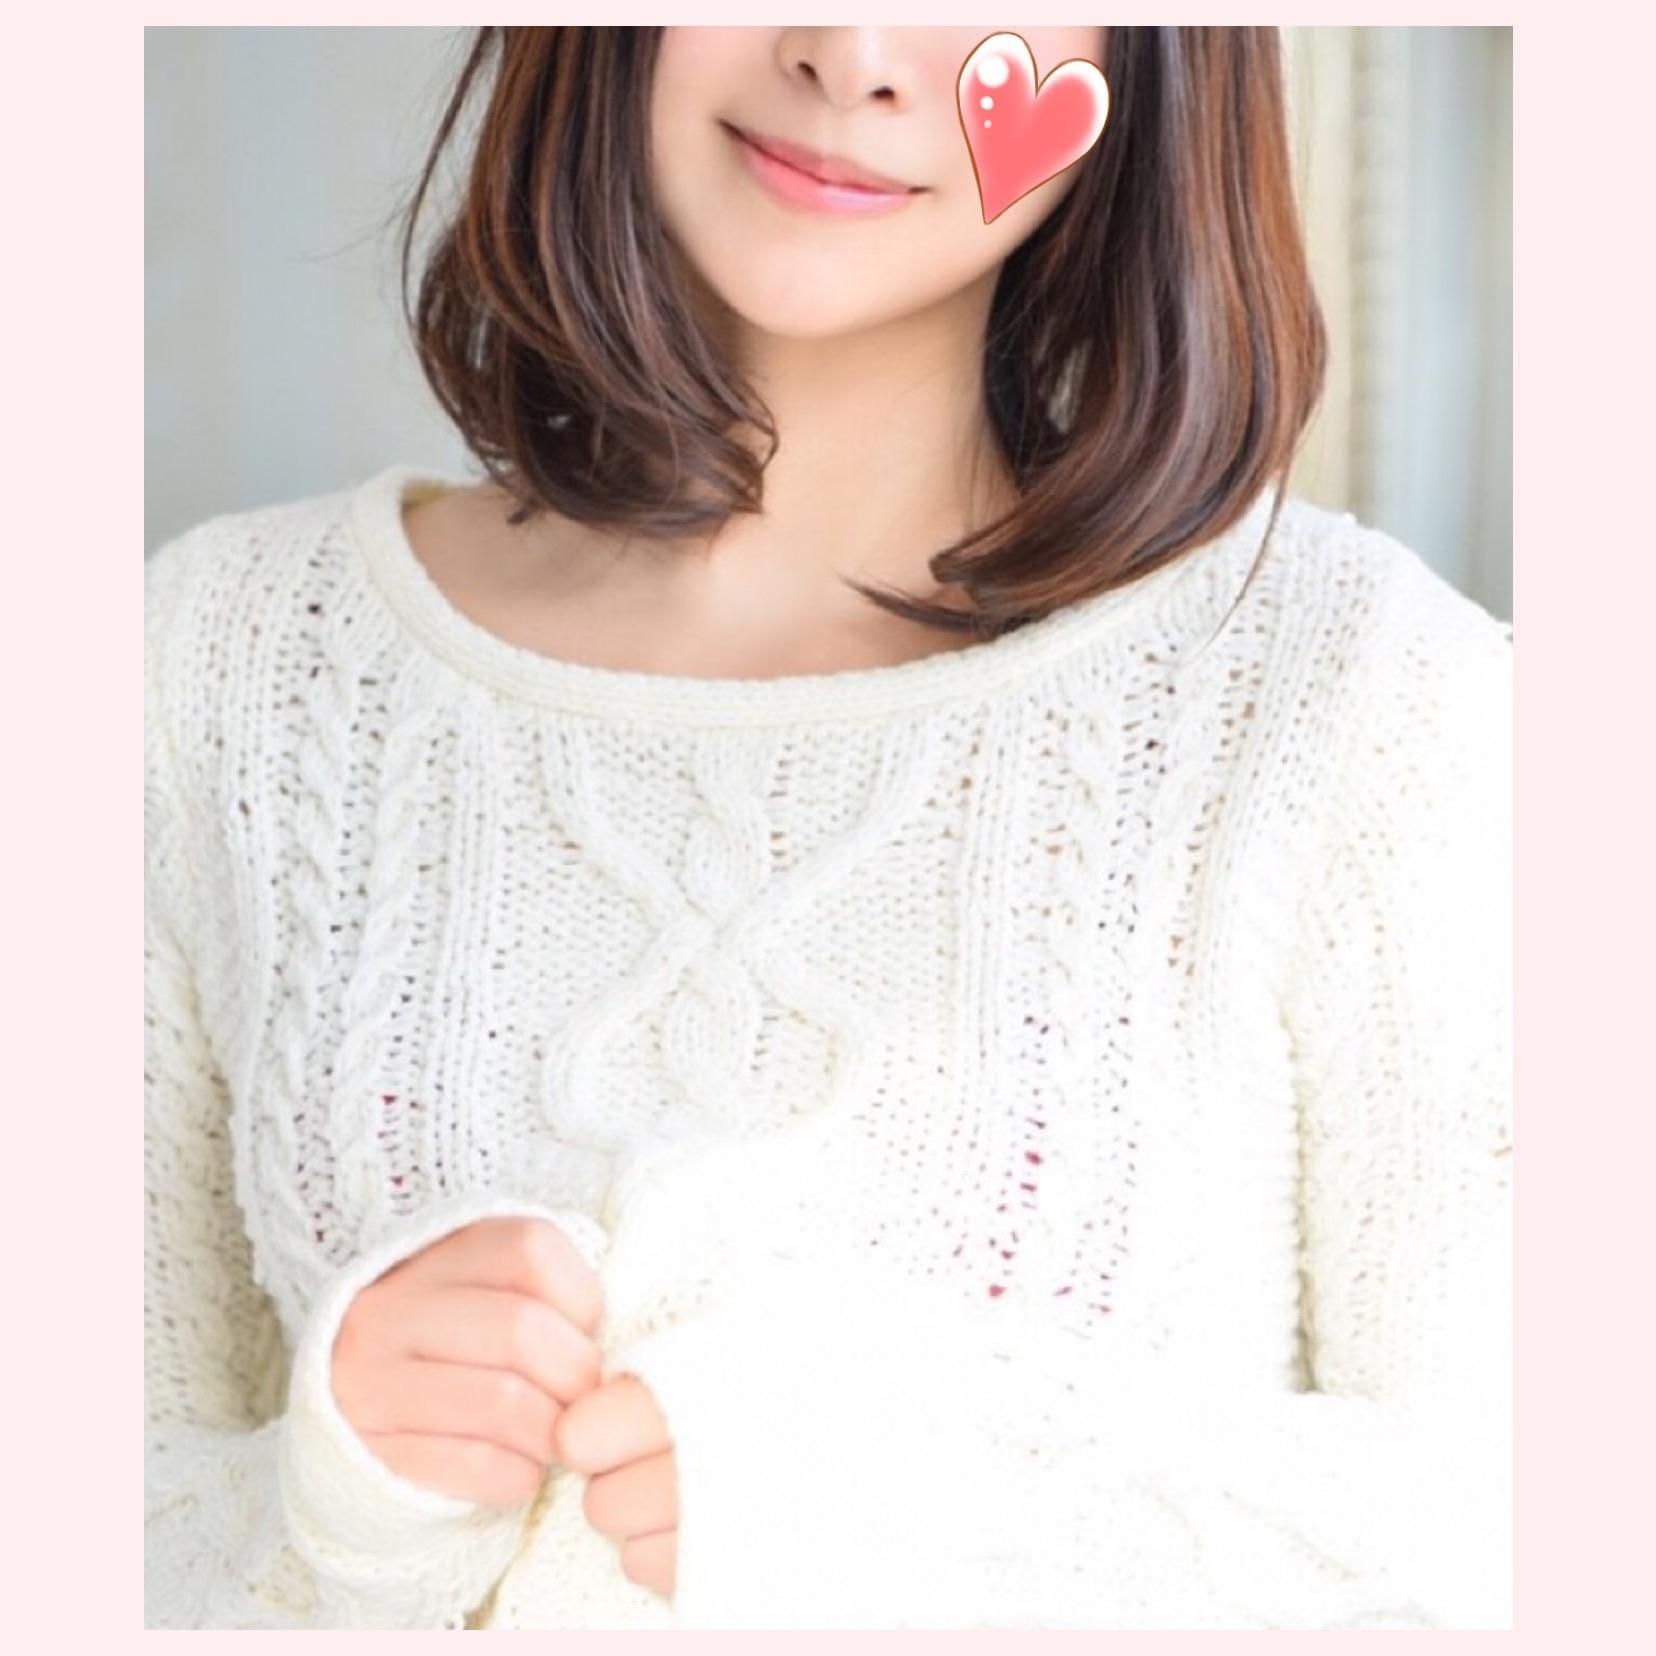 「嬉しかったこと」01/09日(水) 11:46 | 竹内涼子の写メ・風俗動画